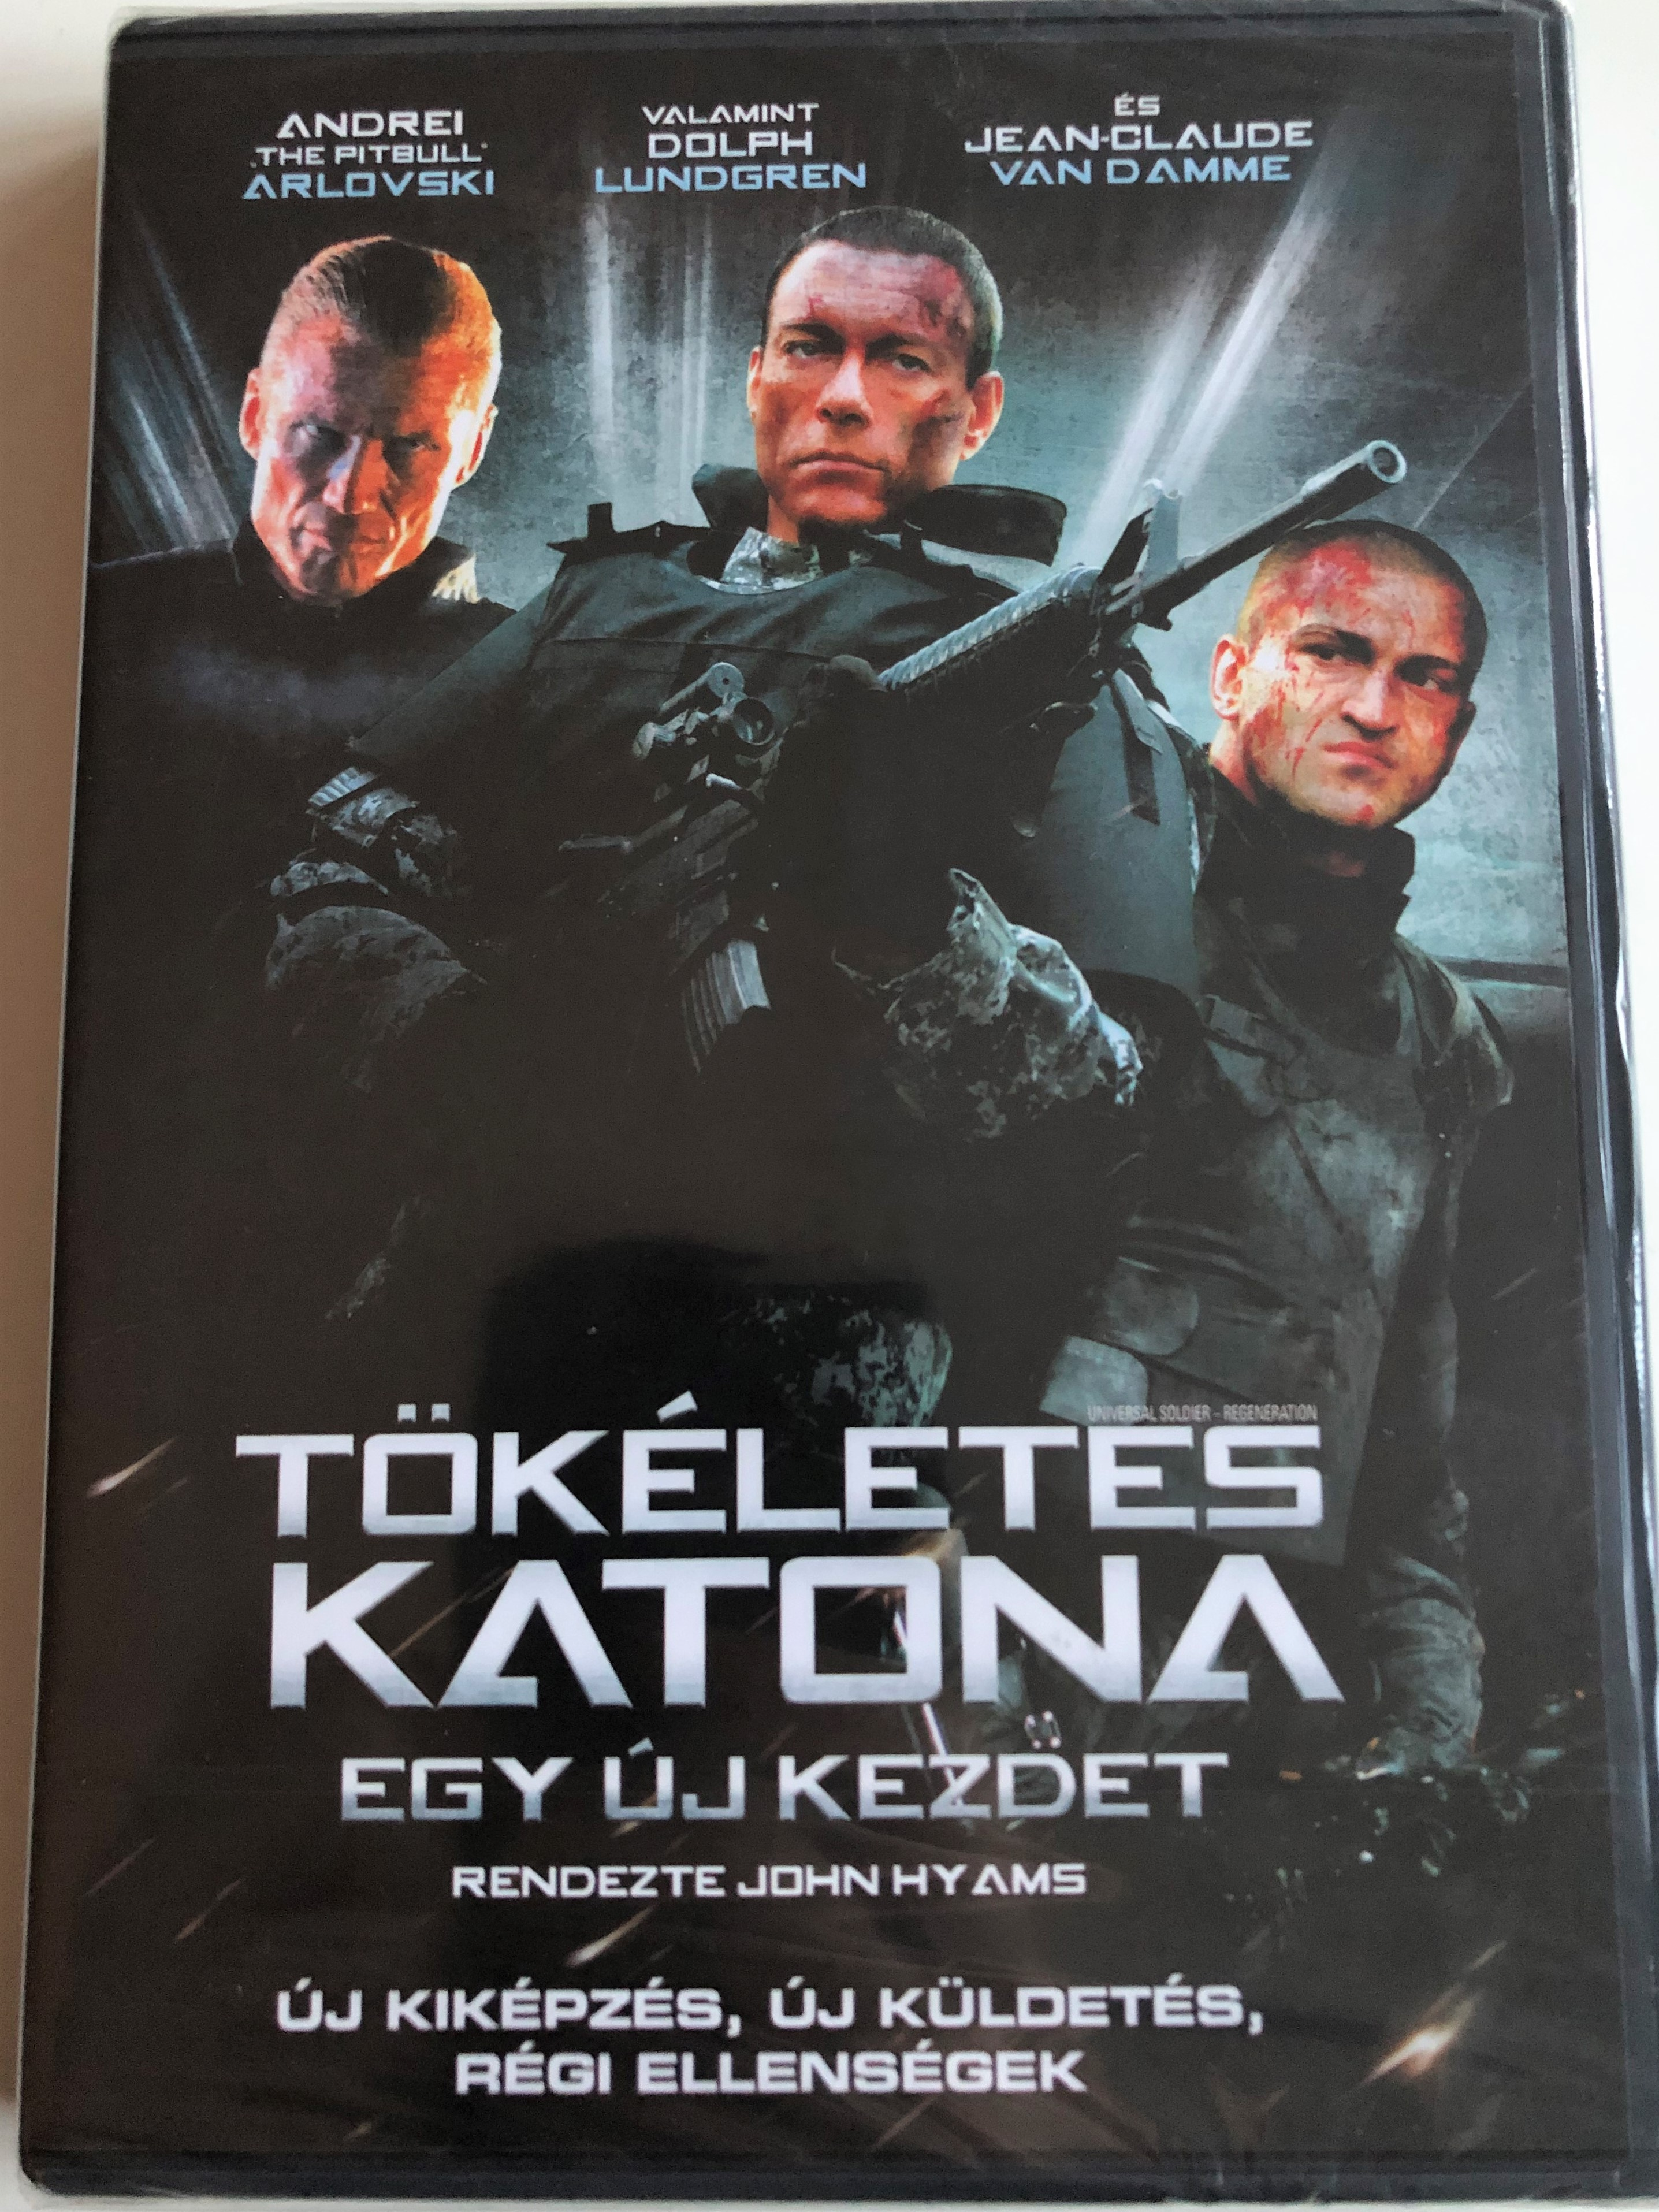 universal-soldier-regeneration-dvd-2009-t-k-letes-katona-egy-j-kezdet-1.jpg